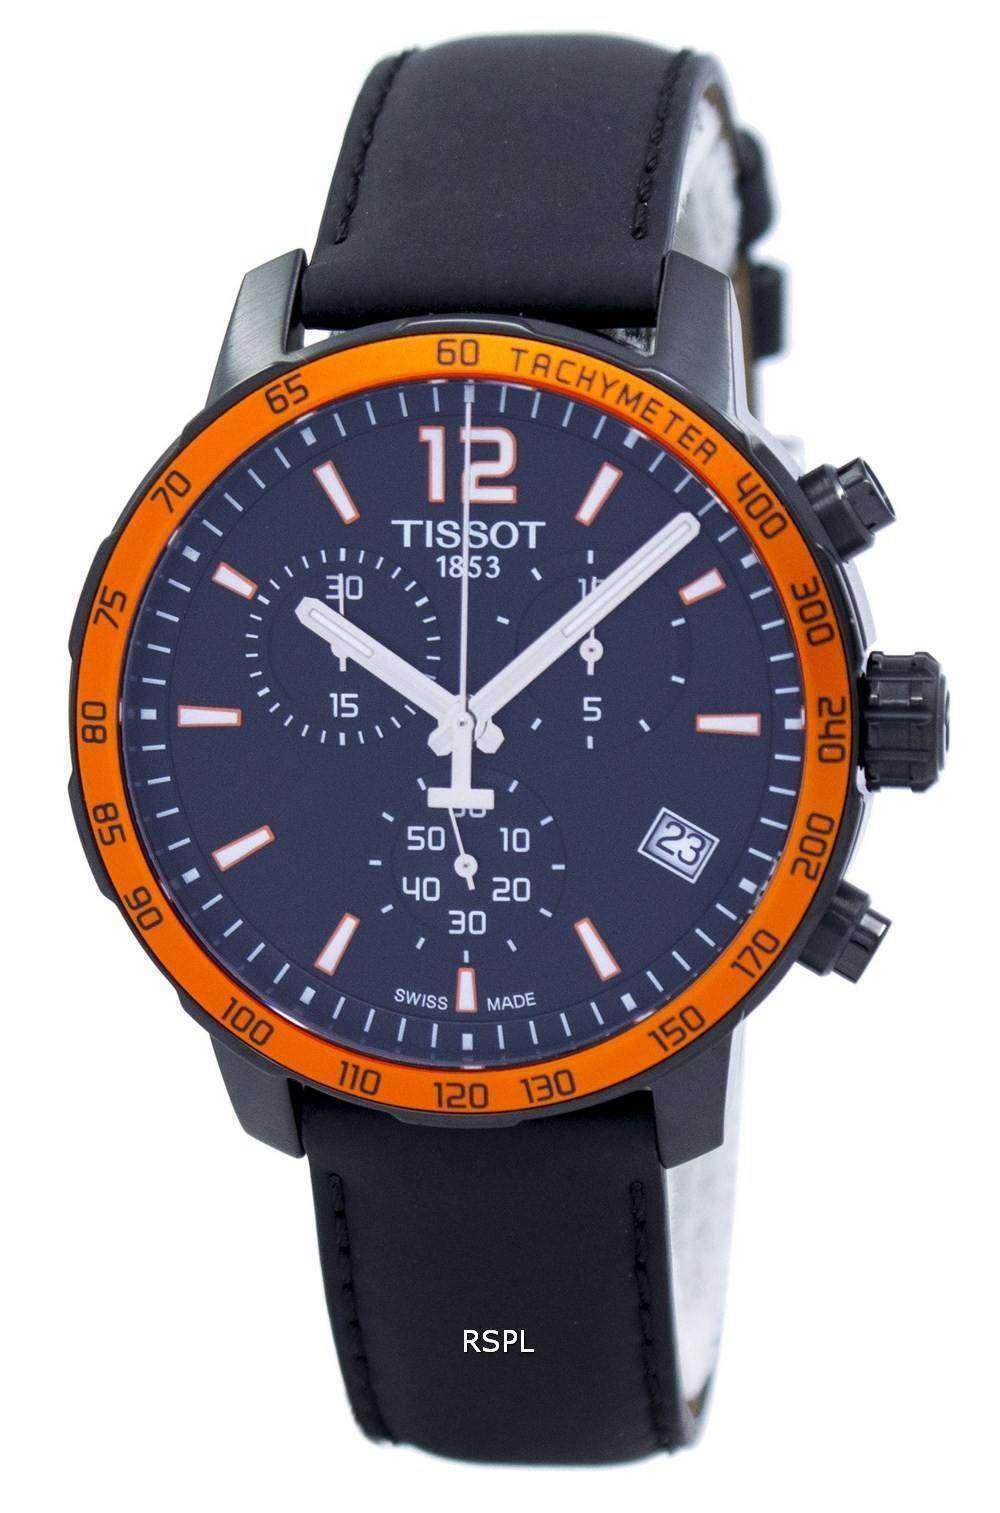 ティソ Quickster クロノグラフ タキメーター石英 T095.417.36.057.01 T0954173605701 メンズ腕時計